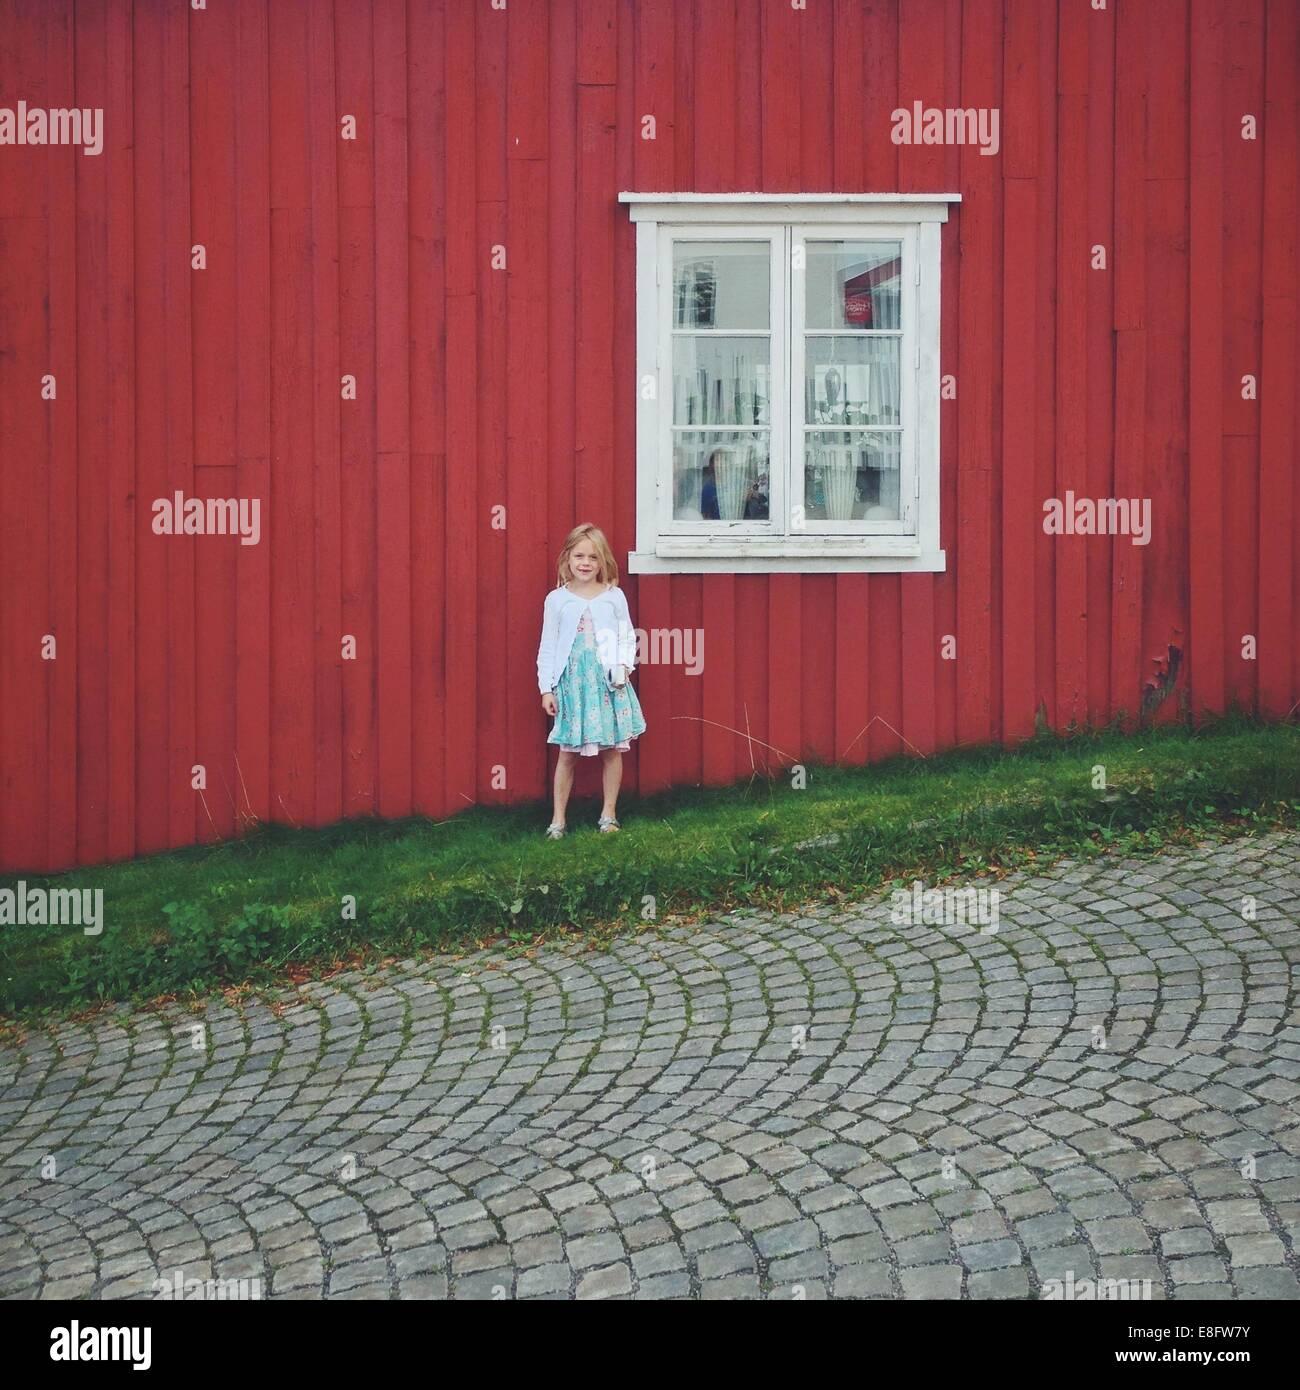 Norwegen, Mädchen (12-13) stehen gegen rotes Haus Stockbild